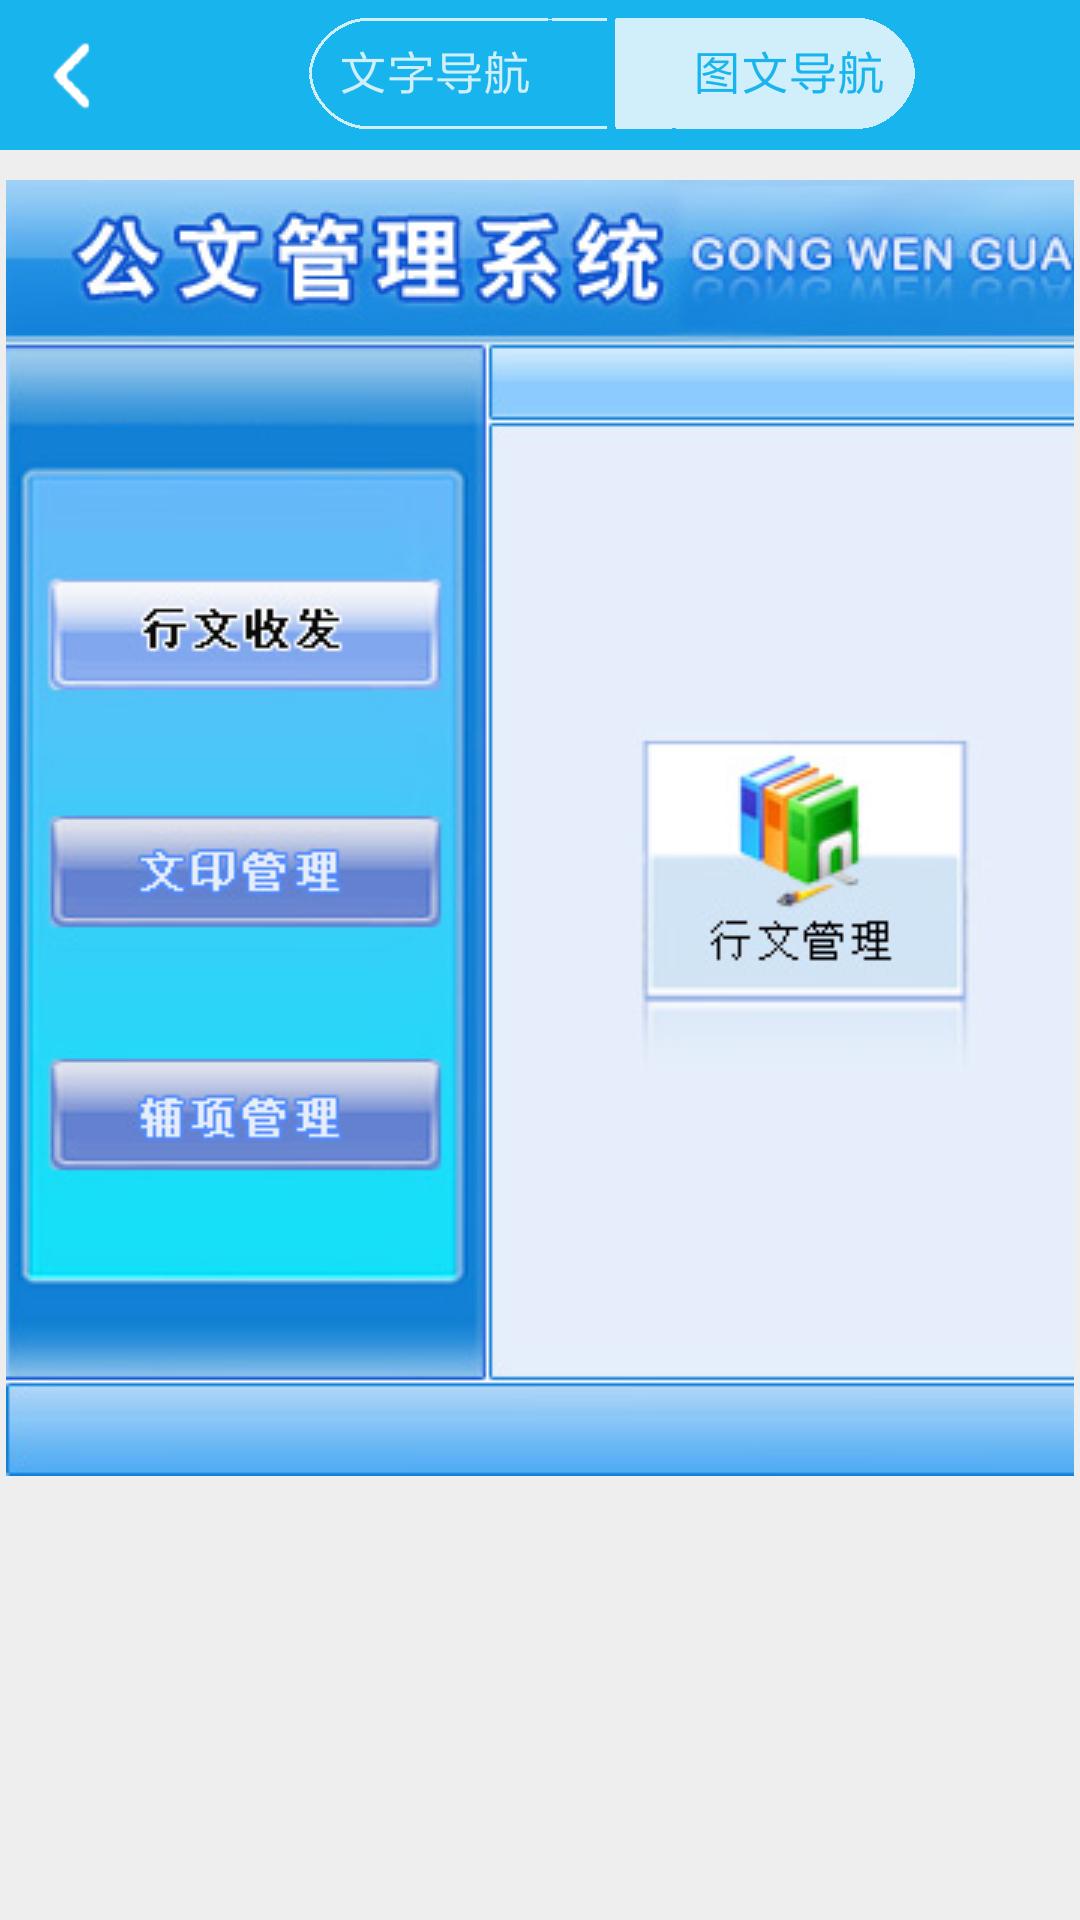 公文管理系统(1)